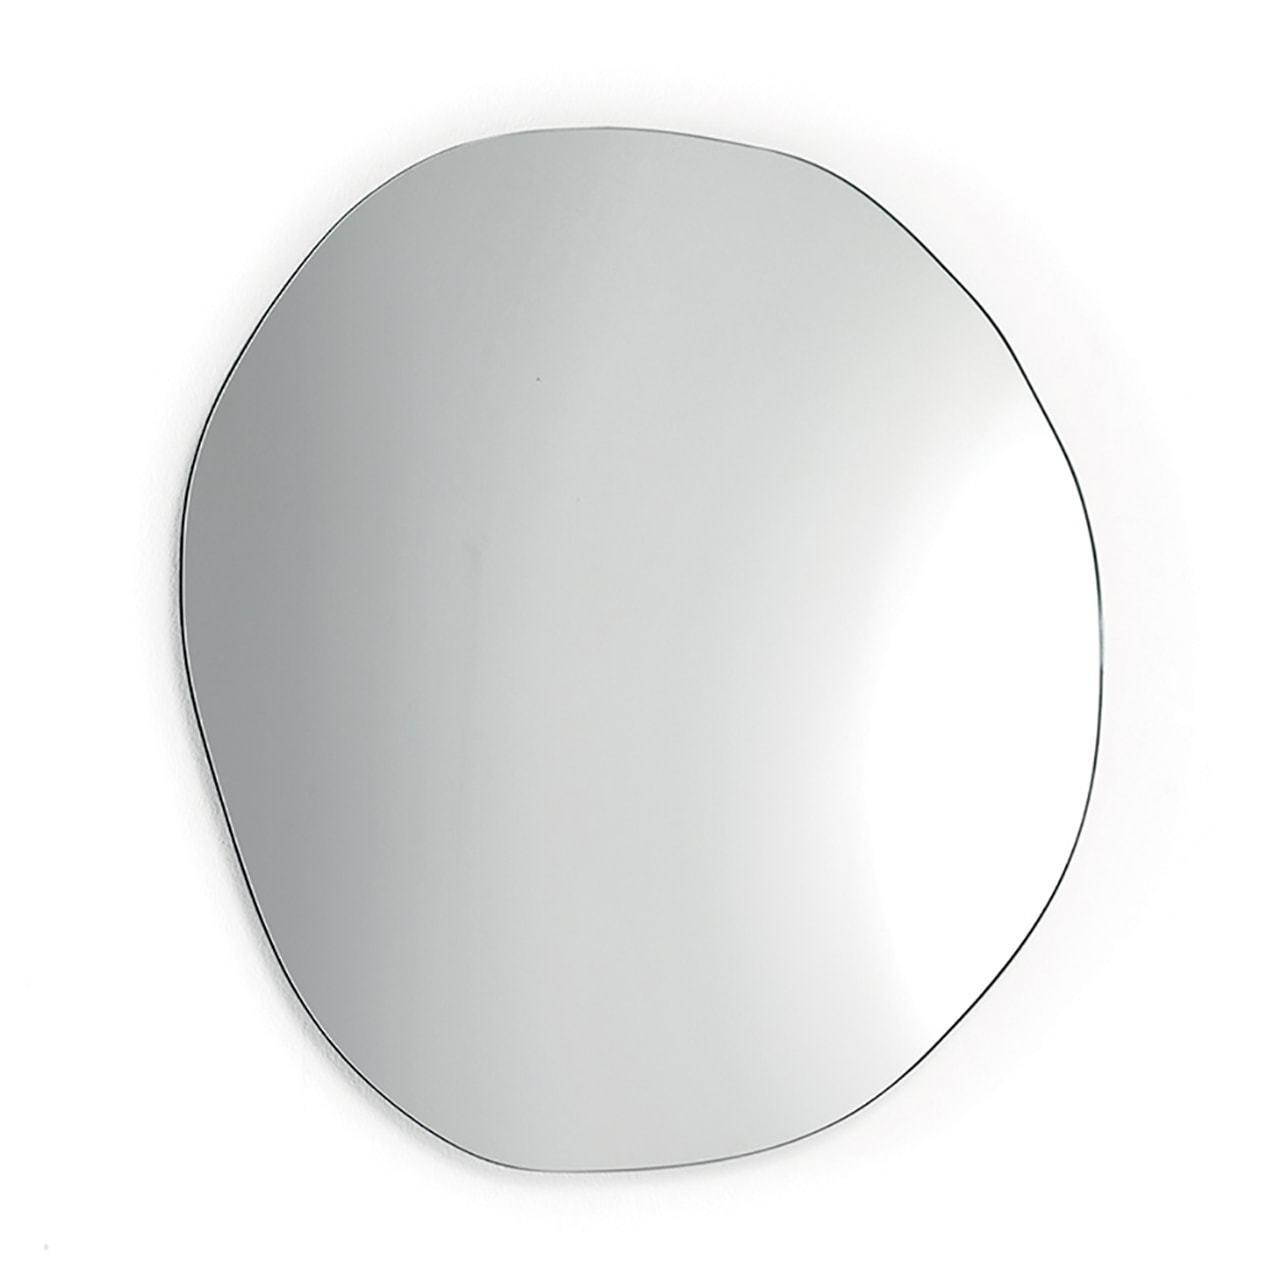 Mogg GIOTTO |specchio|